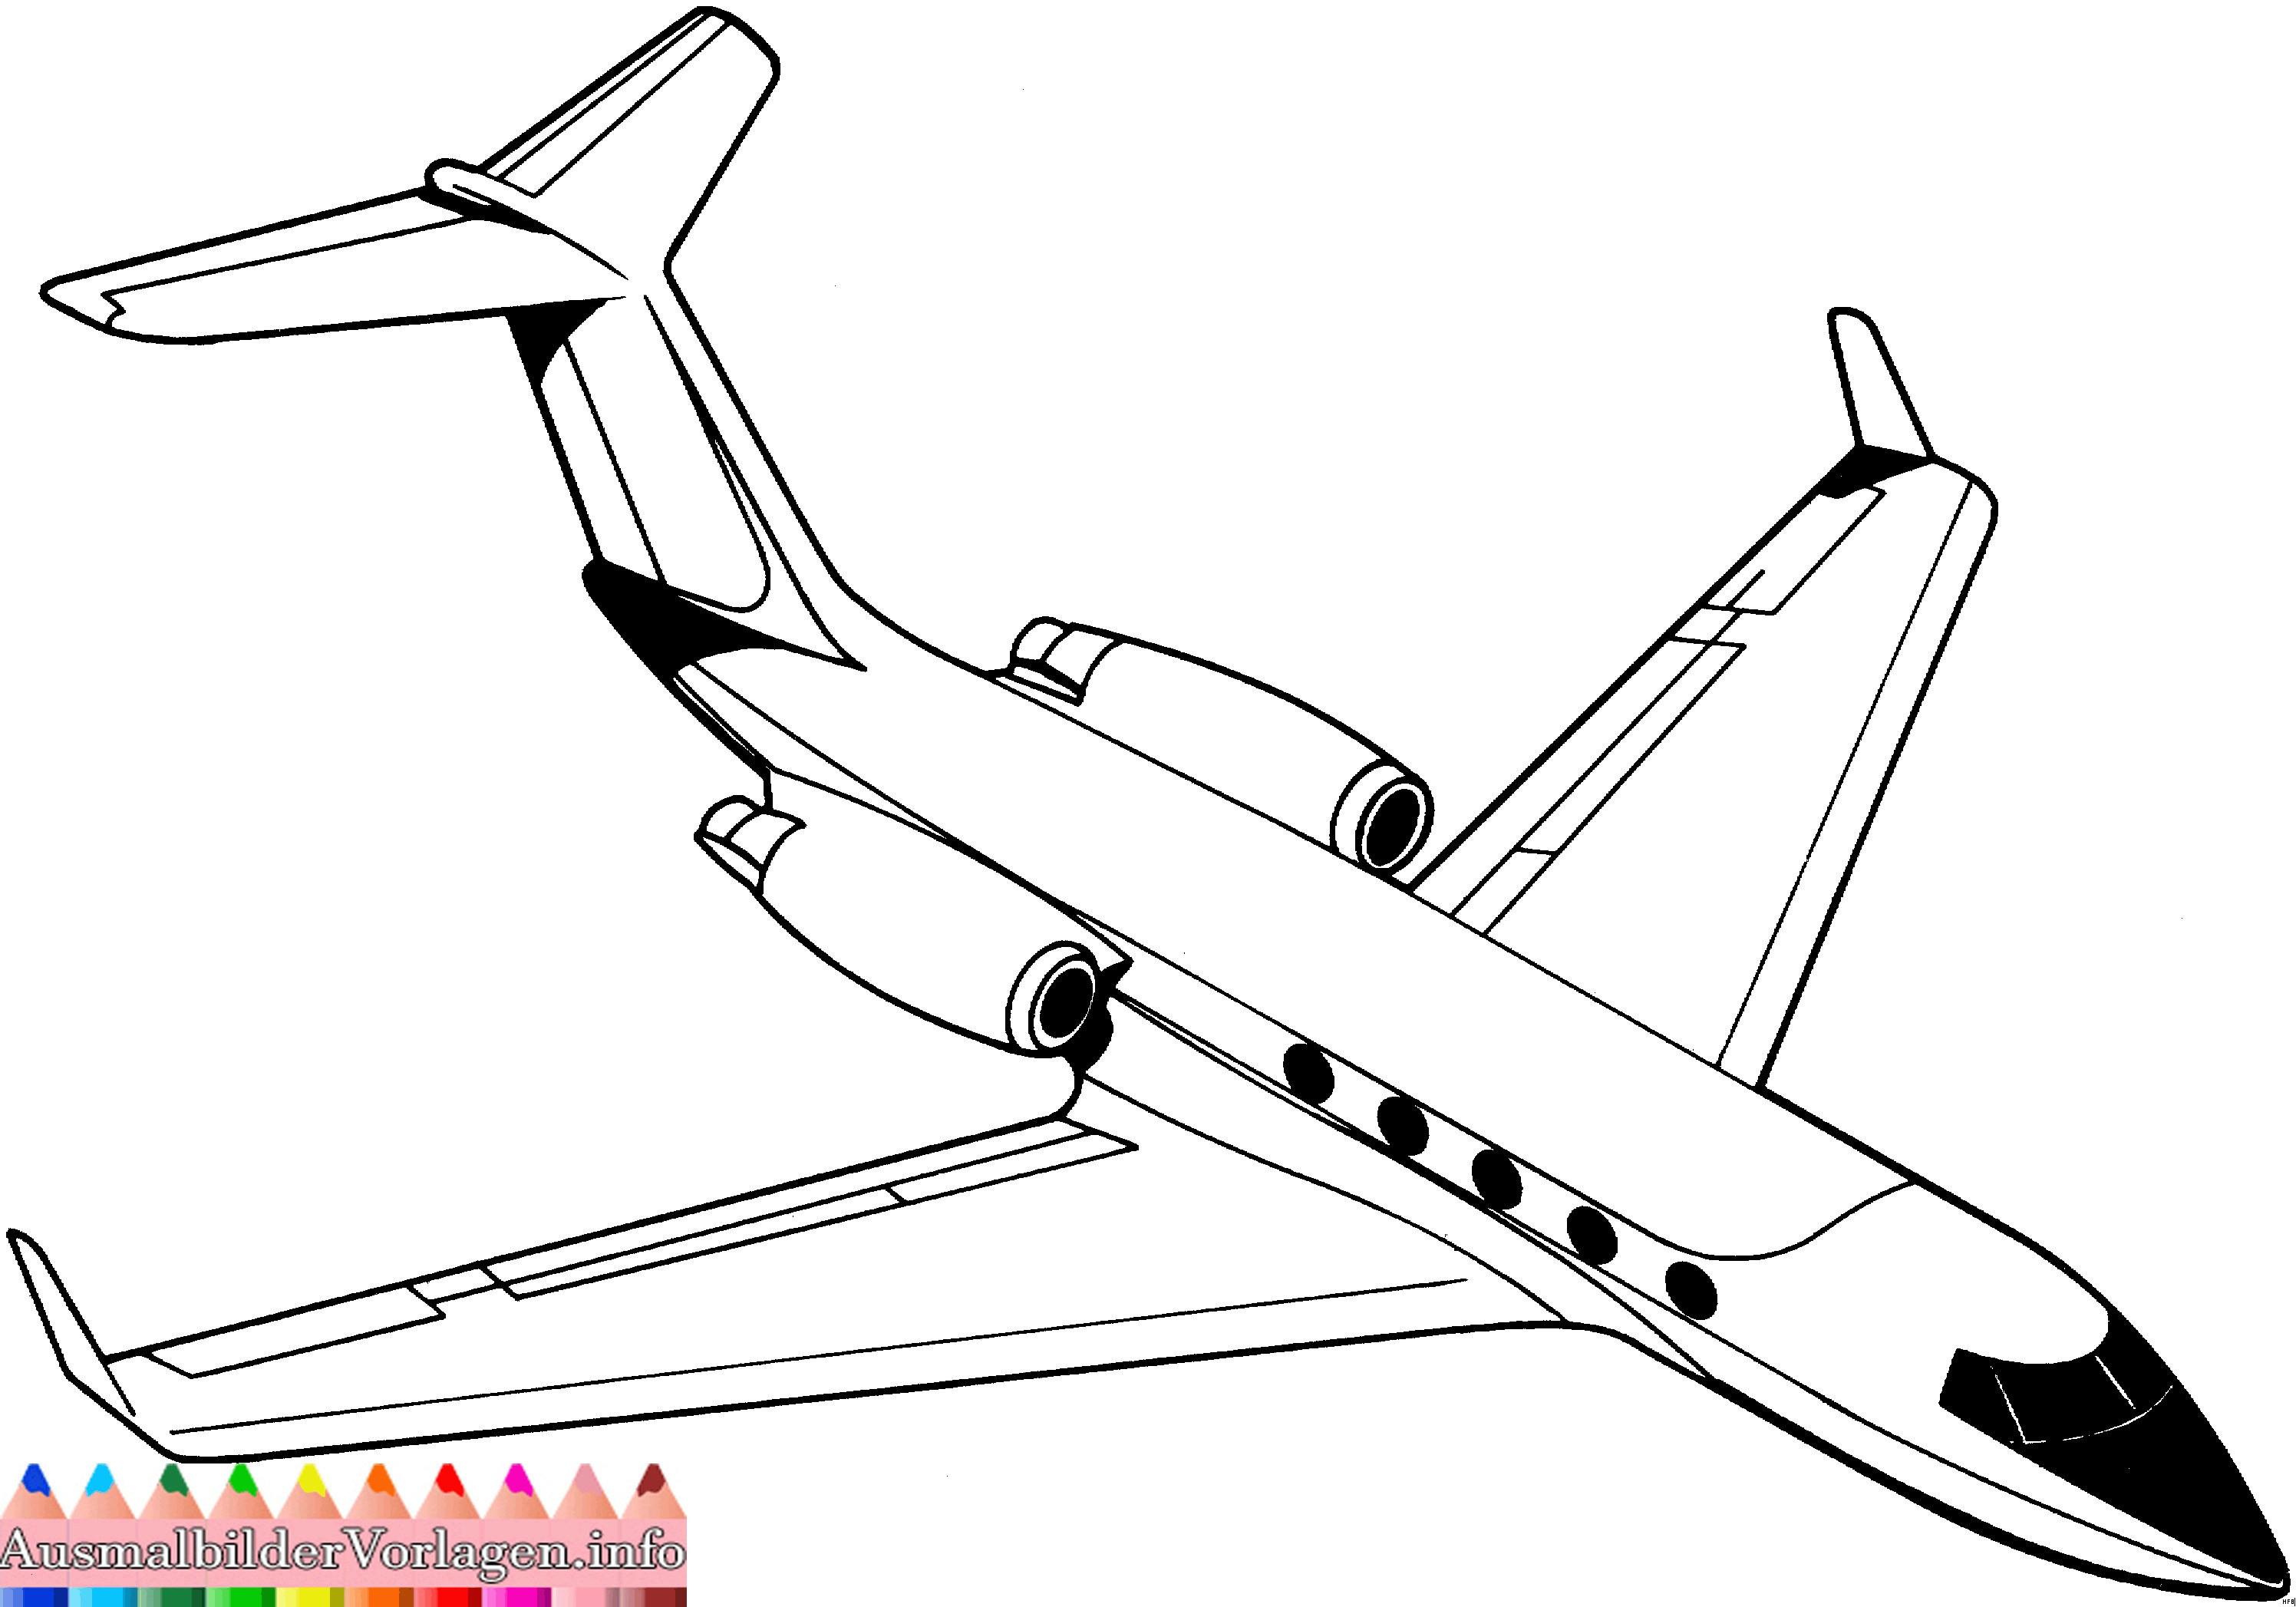 Flugzeuge Zum Ausmalen Das Beste Von Ausmalbilder Flugzeuge Inspirierend 38 Malvorlagen Flugzeuge Galerie